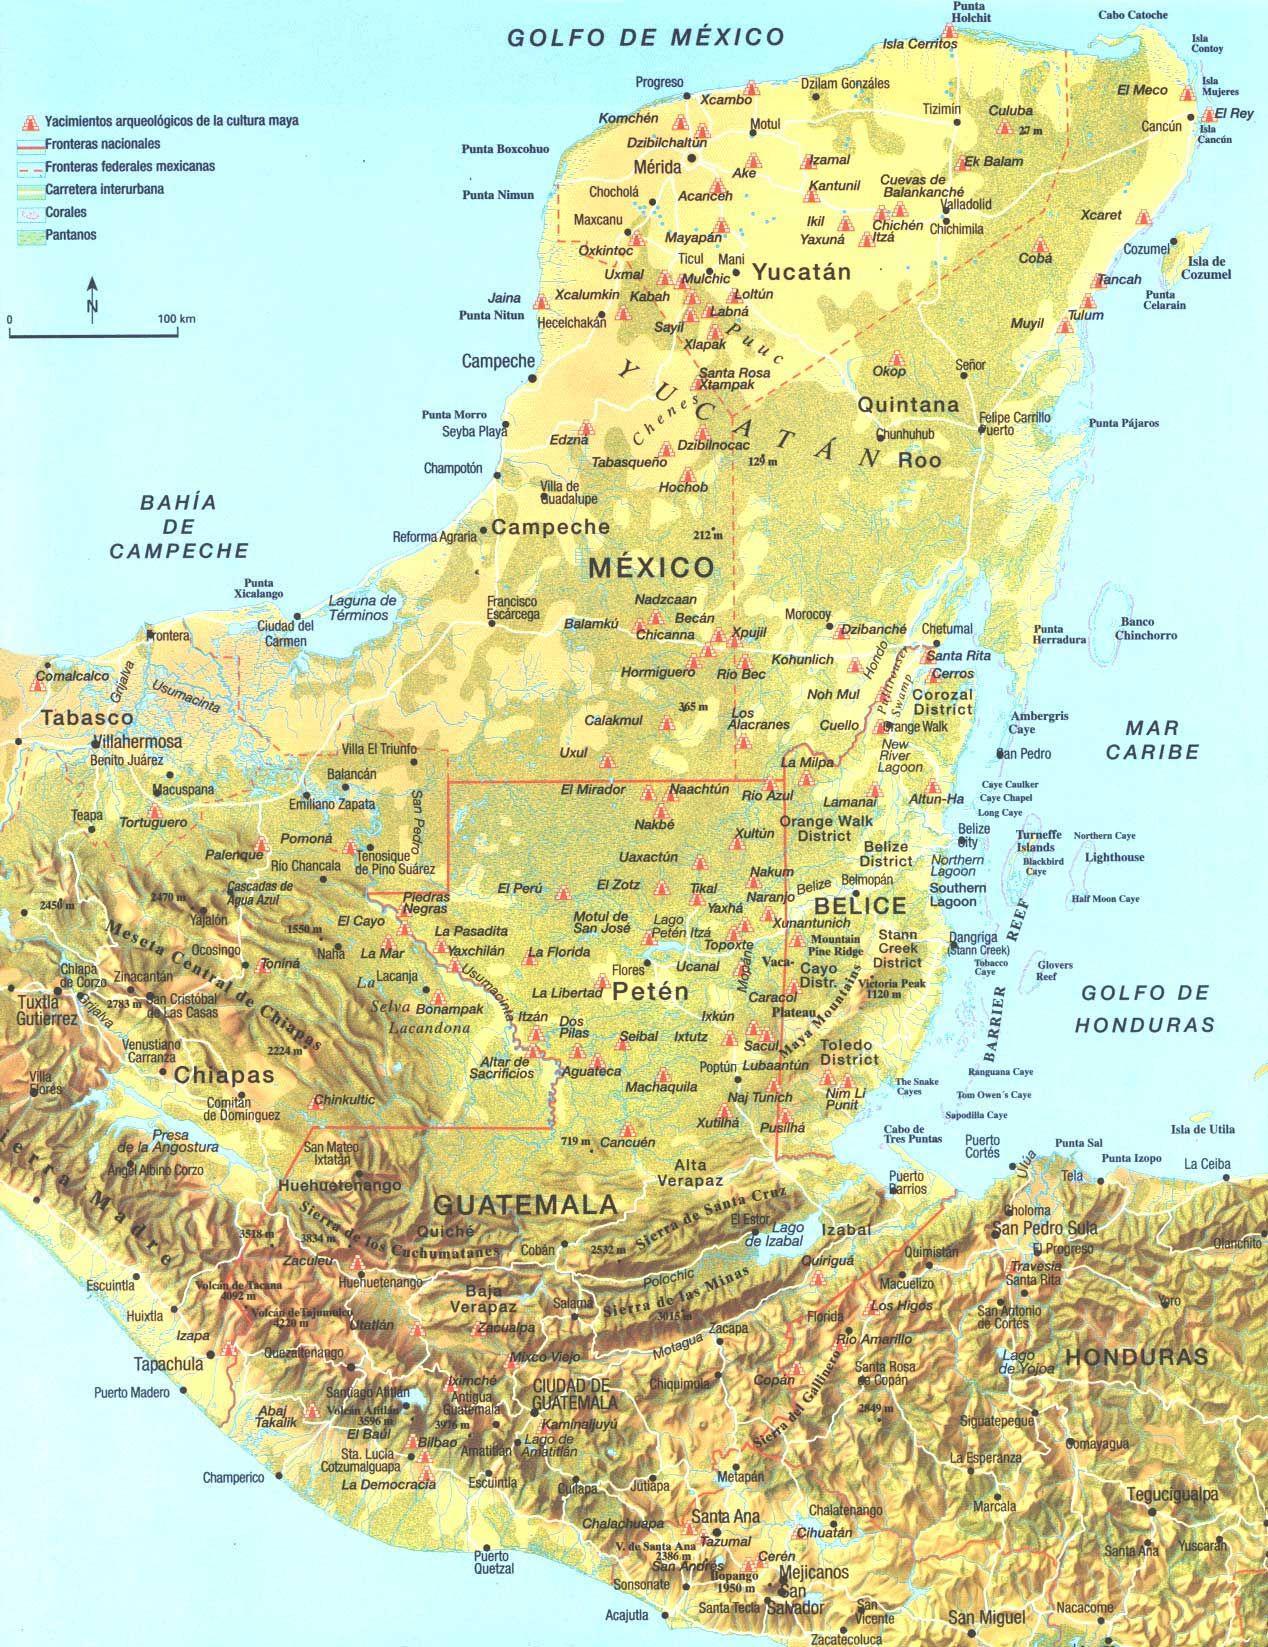 Maya map though ruins in san mateo ixtatan are missing httpwww maya map though ruins in san mateo ixtatan are missing httpwww fandeluxe Choice Image